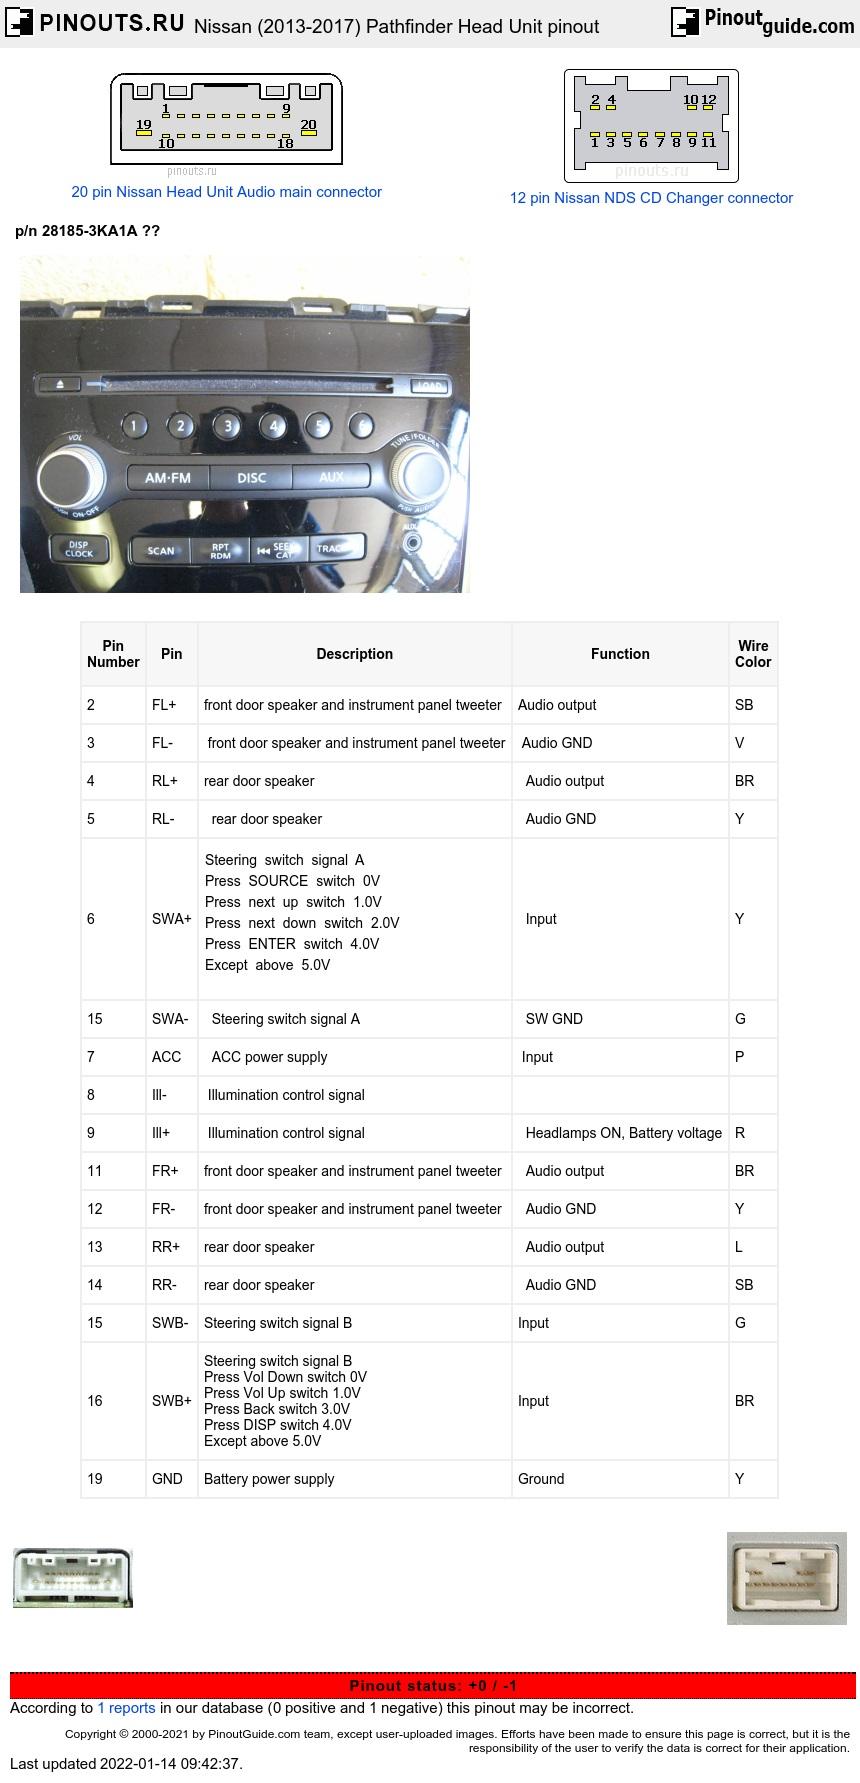 Nissan Pathfinder 2013 2017 Head Unit Pinout Diagram Pinoutguide Com